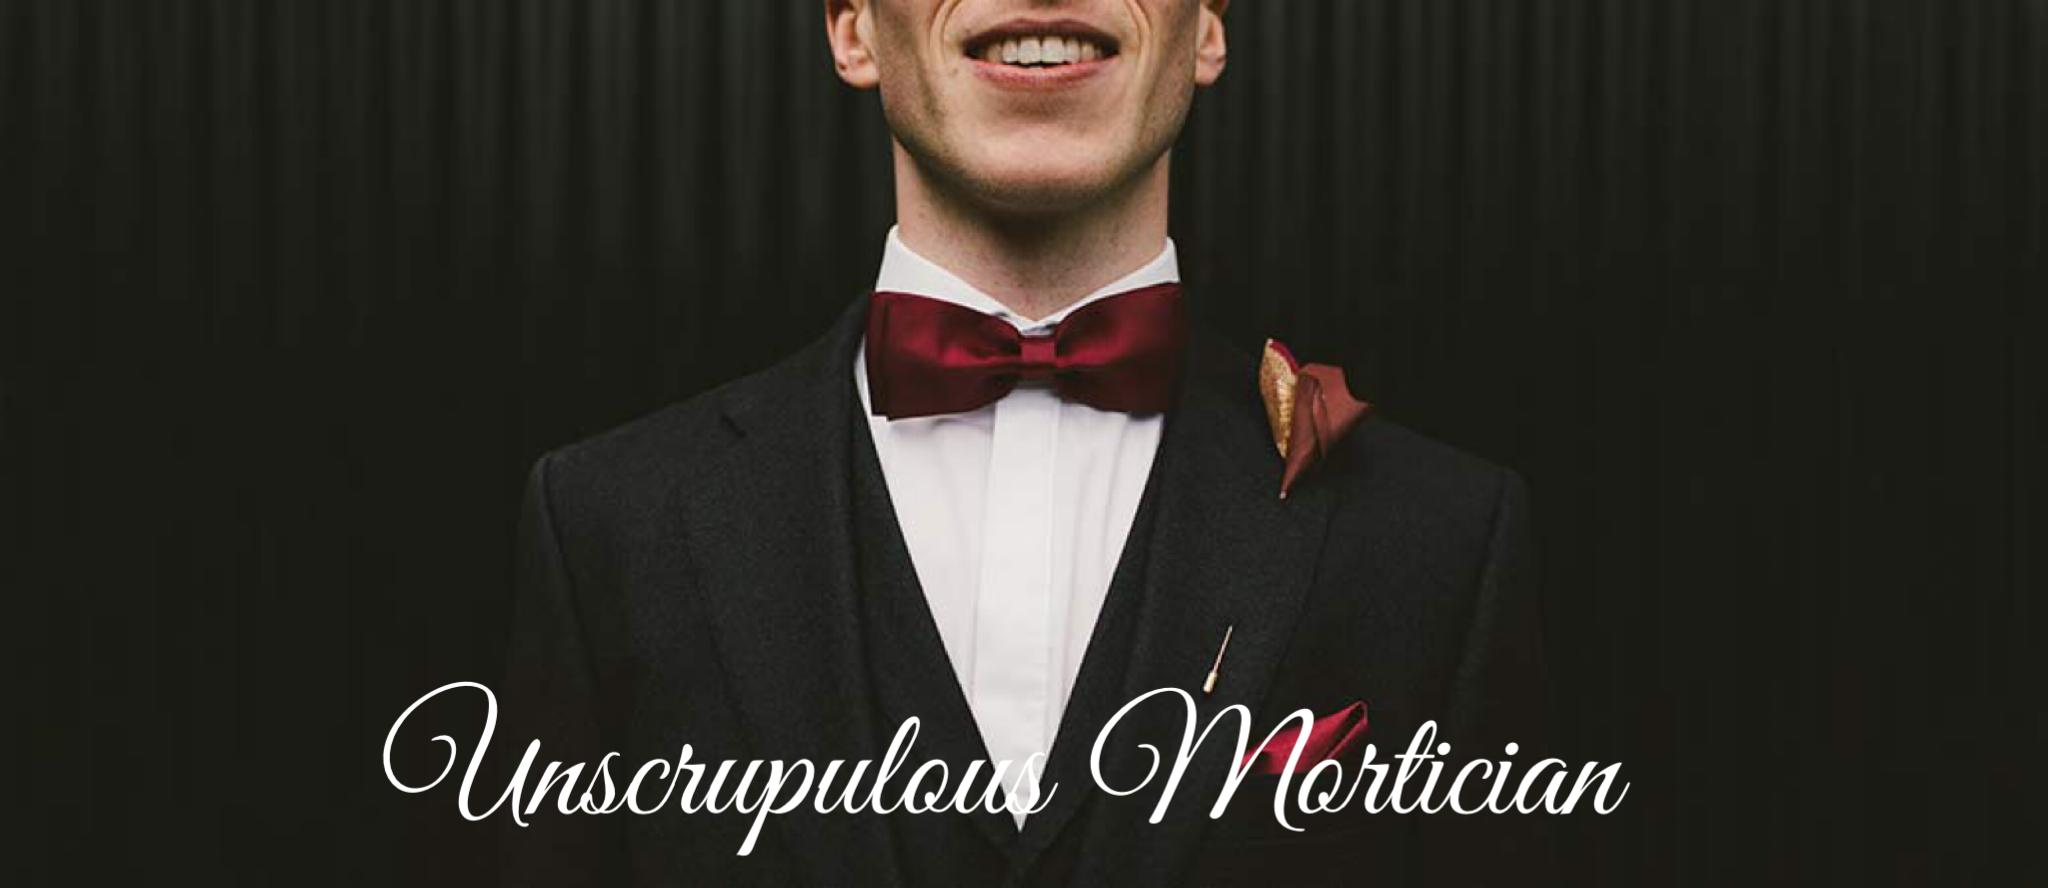 unscrupulous-mortician